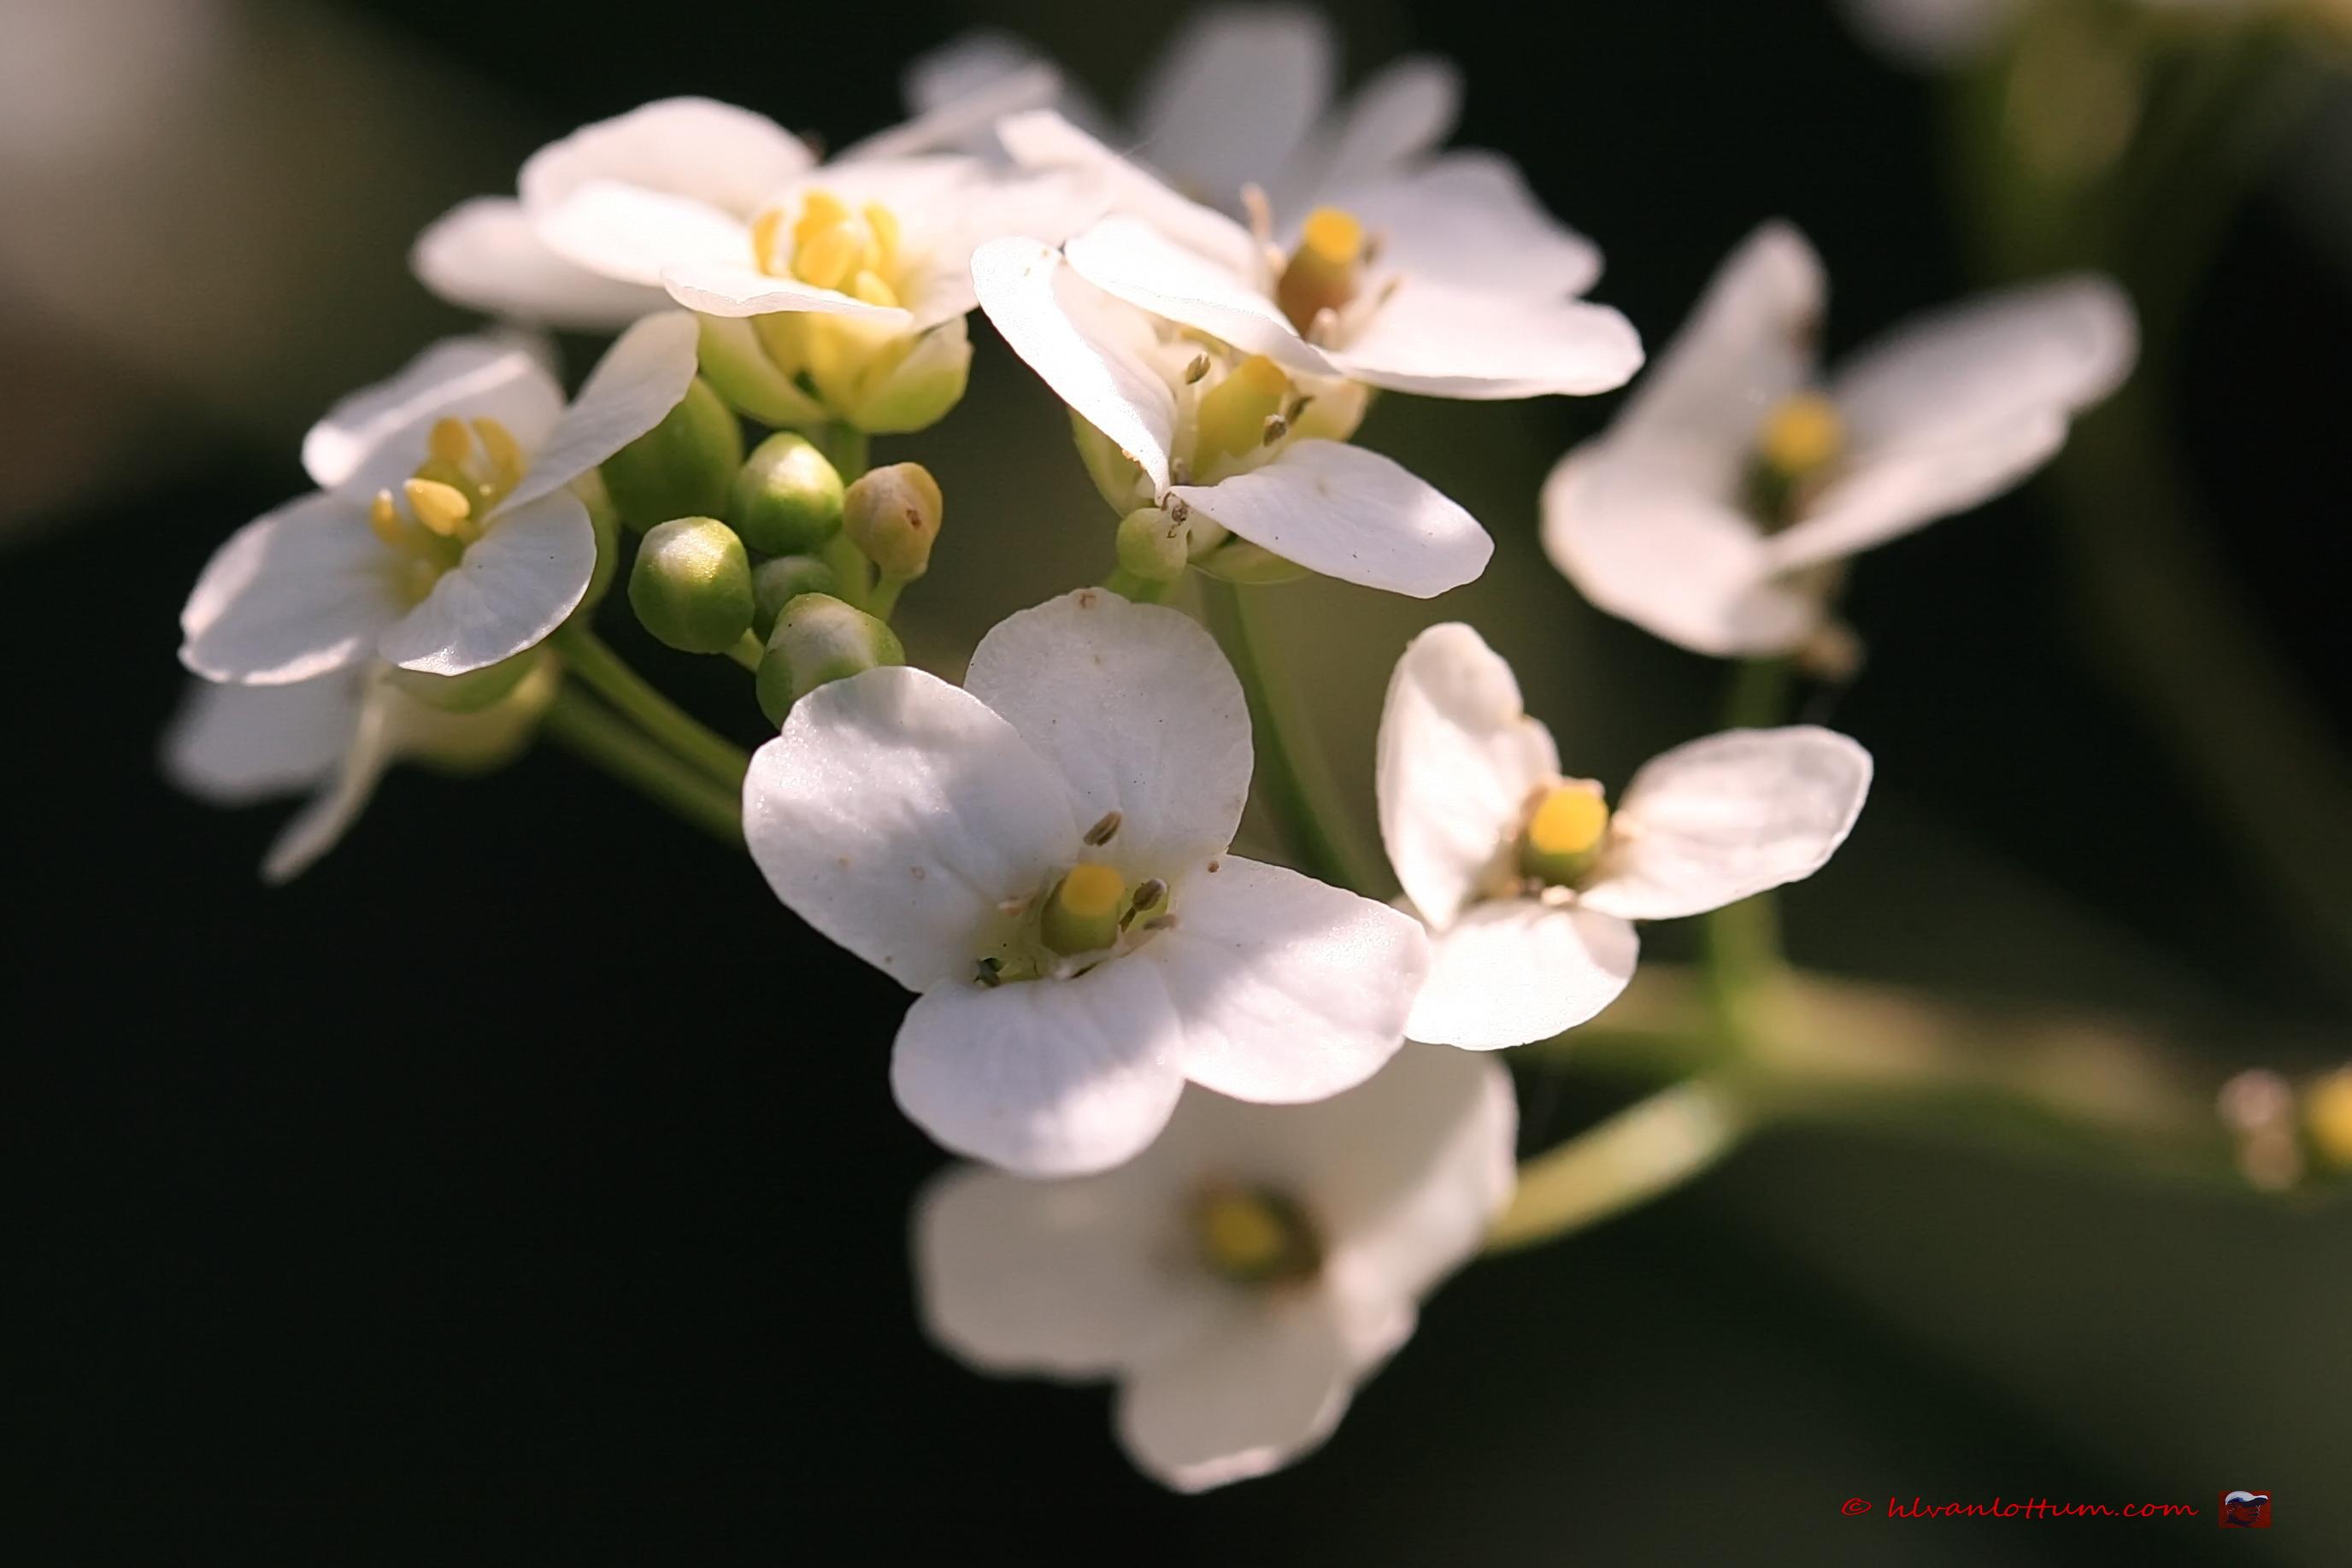 Crambe - crambe cordifolia